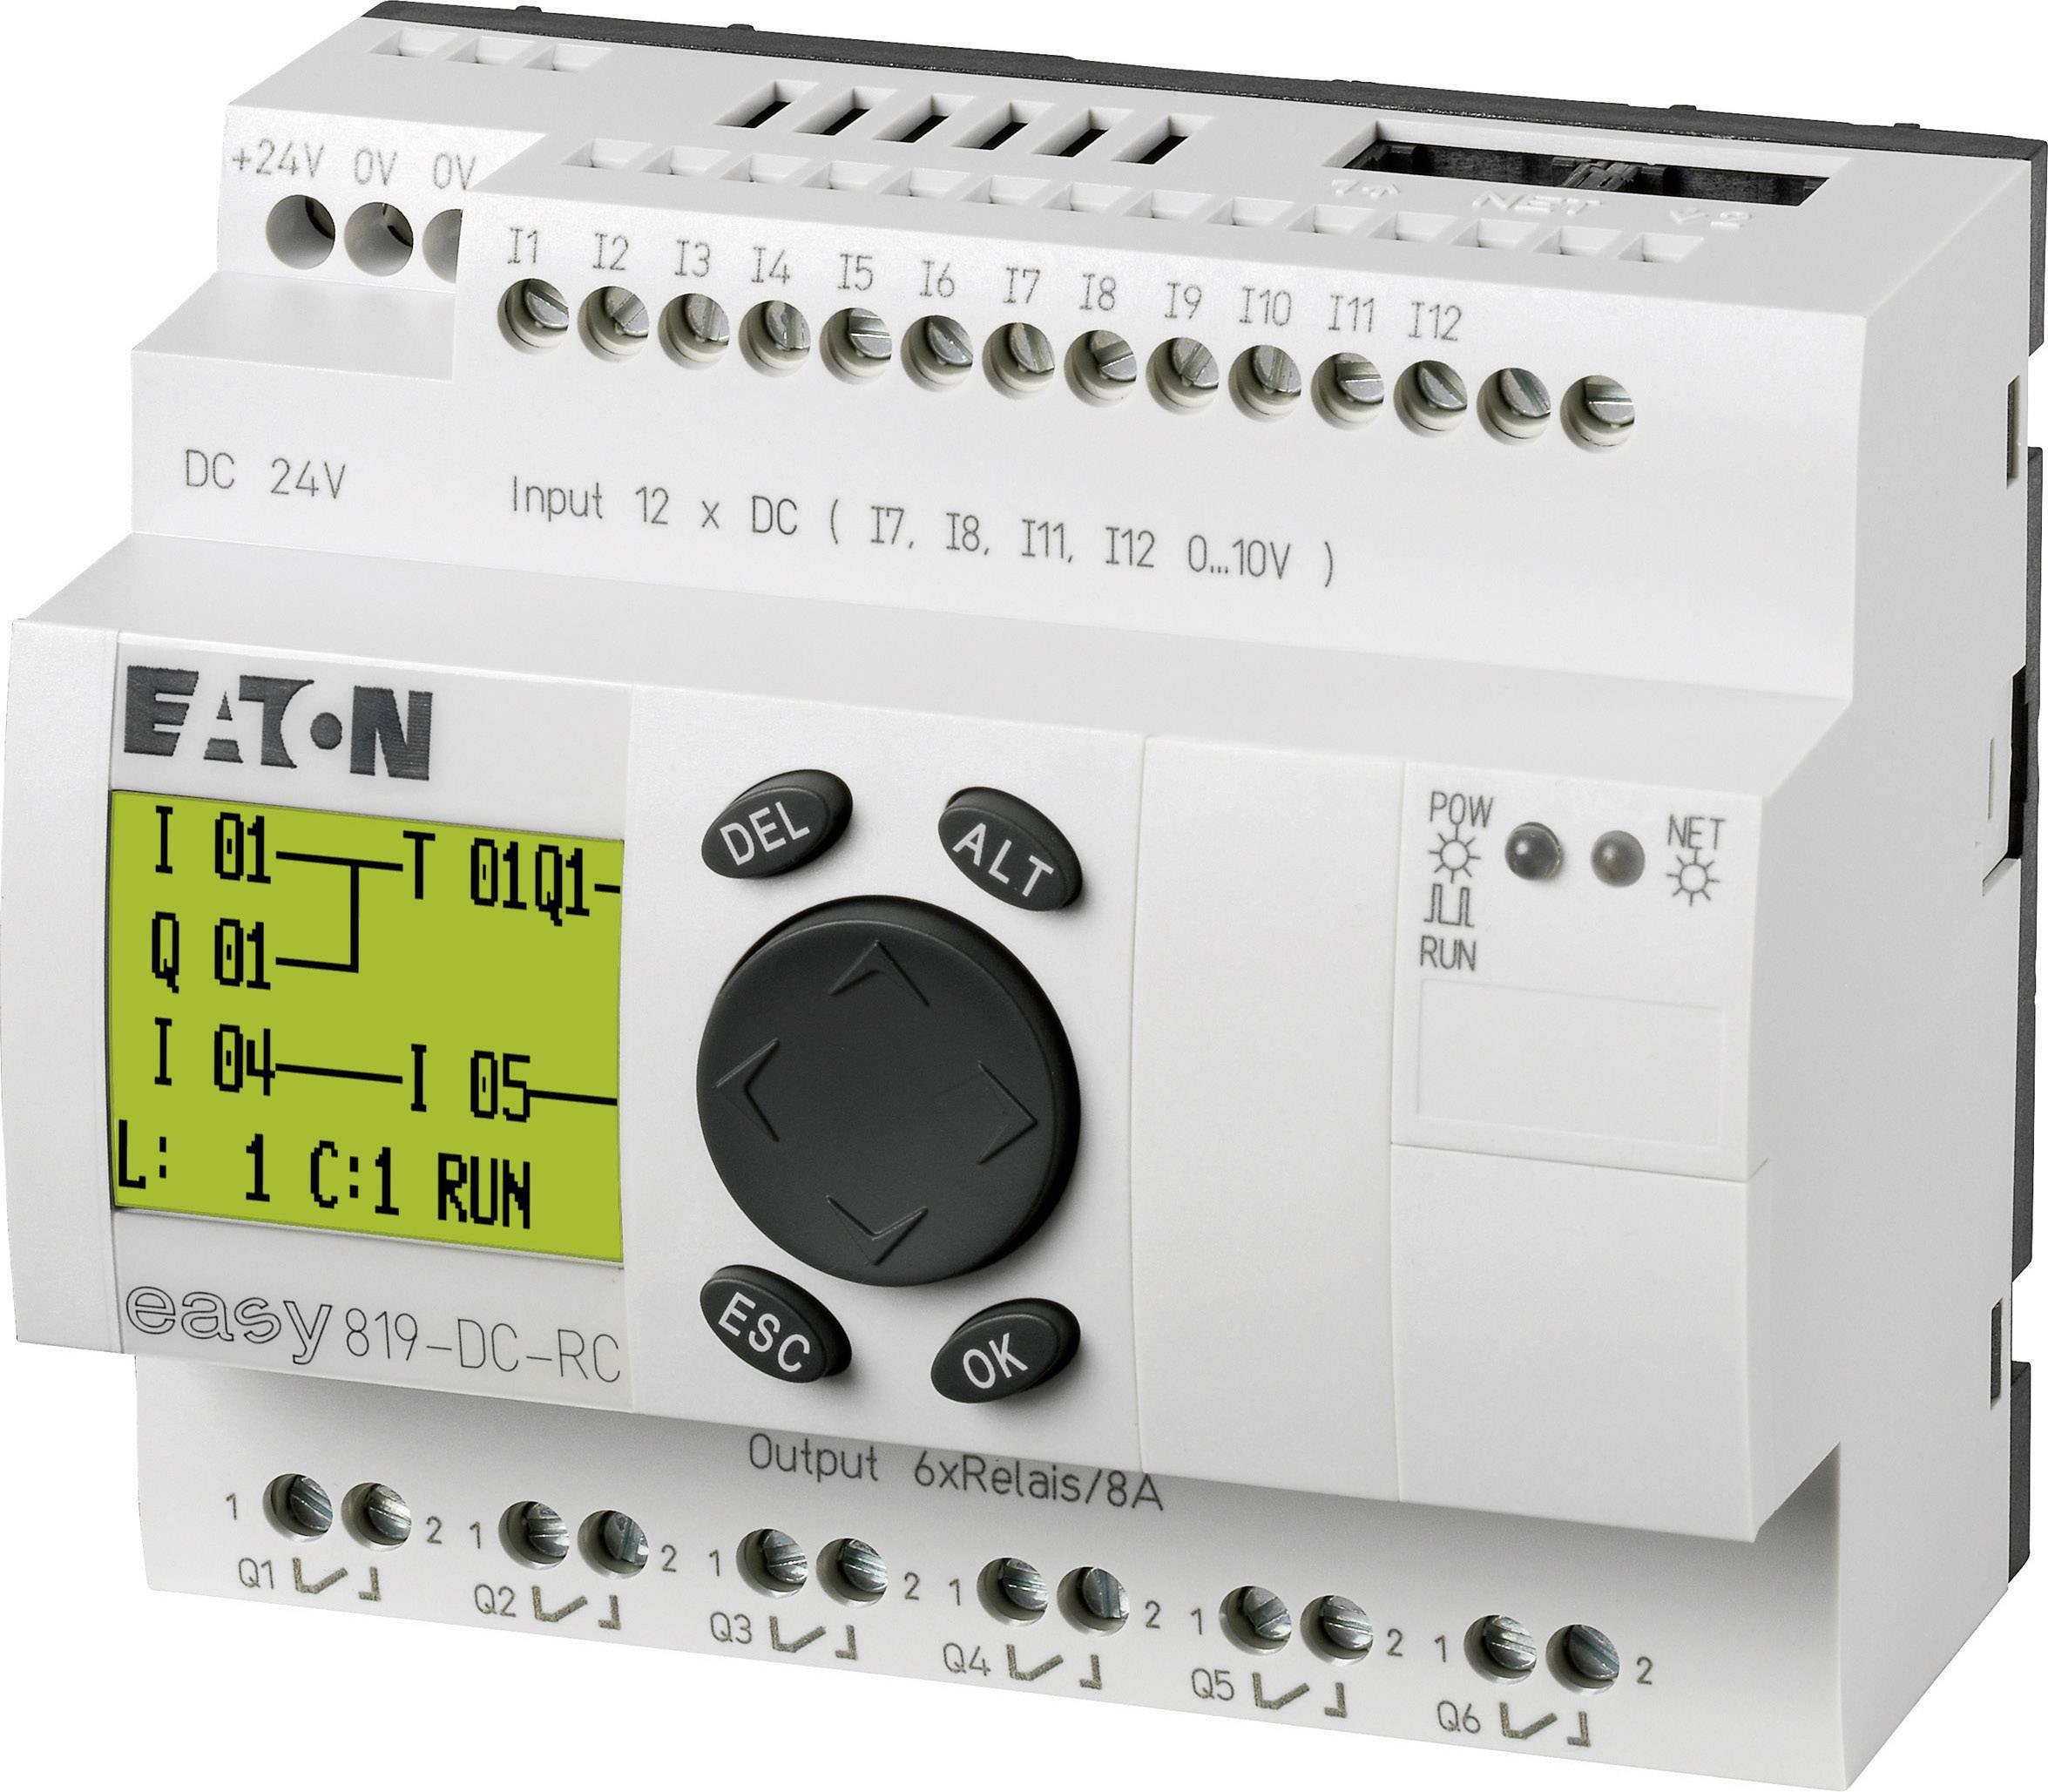 Riadiacimodul Eaton easy 819-DC-RC 256269, 24 V/DC